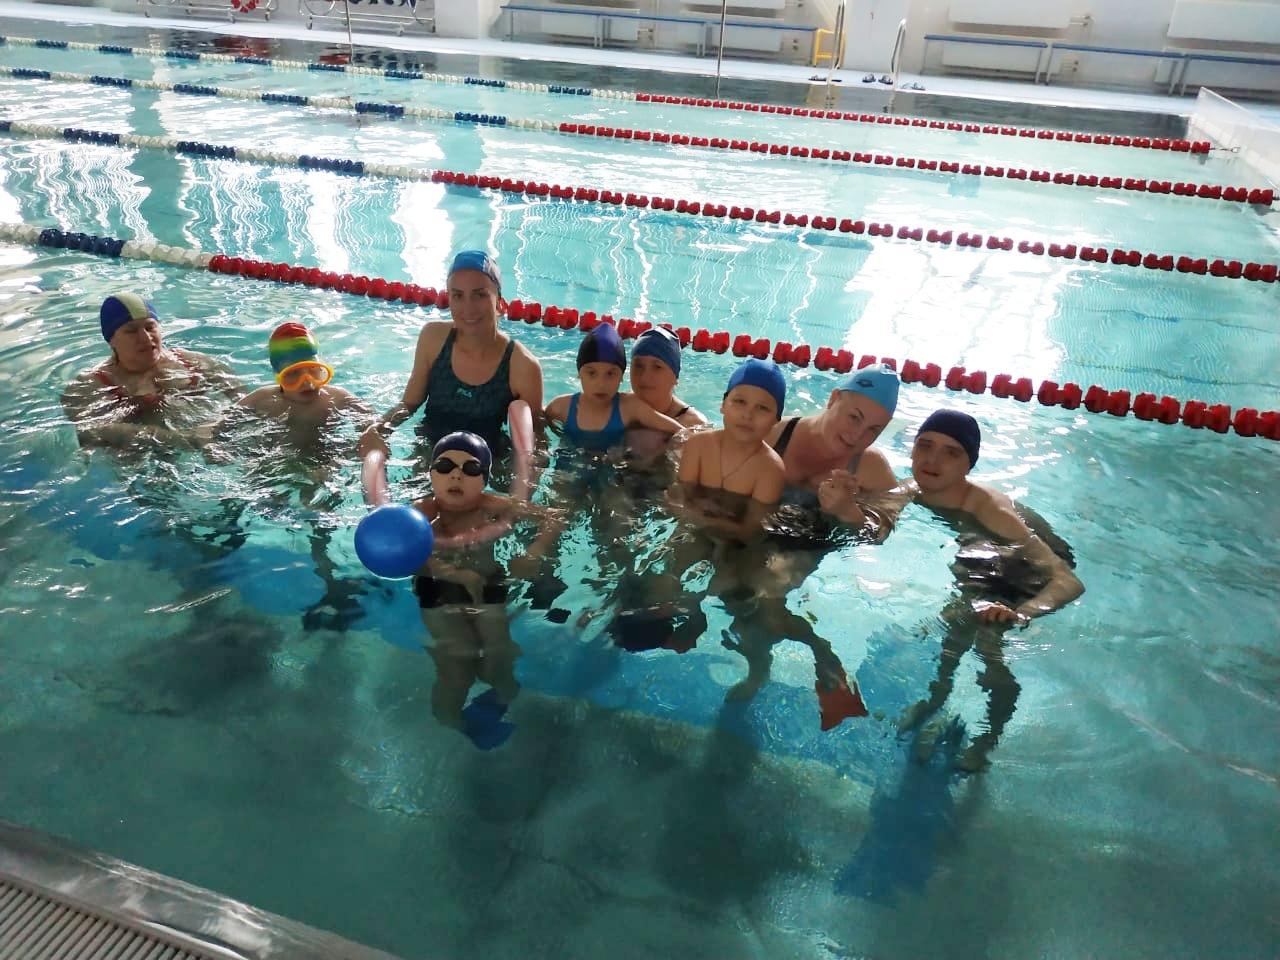 30 мая в бассейне прошло спортивное мероприятие, посвященное Дню защиты детей, для детей с ограниченными возможностями.